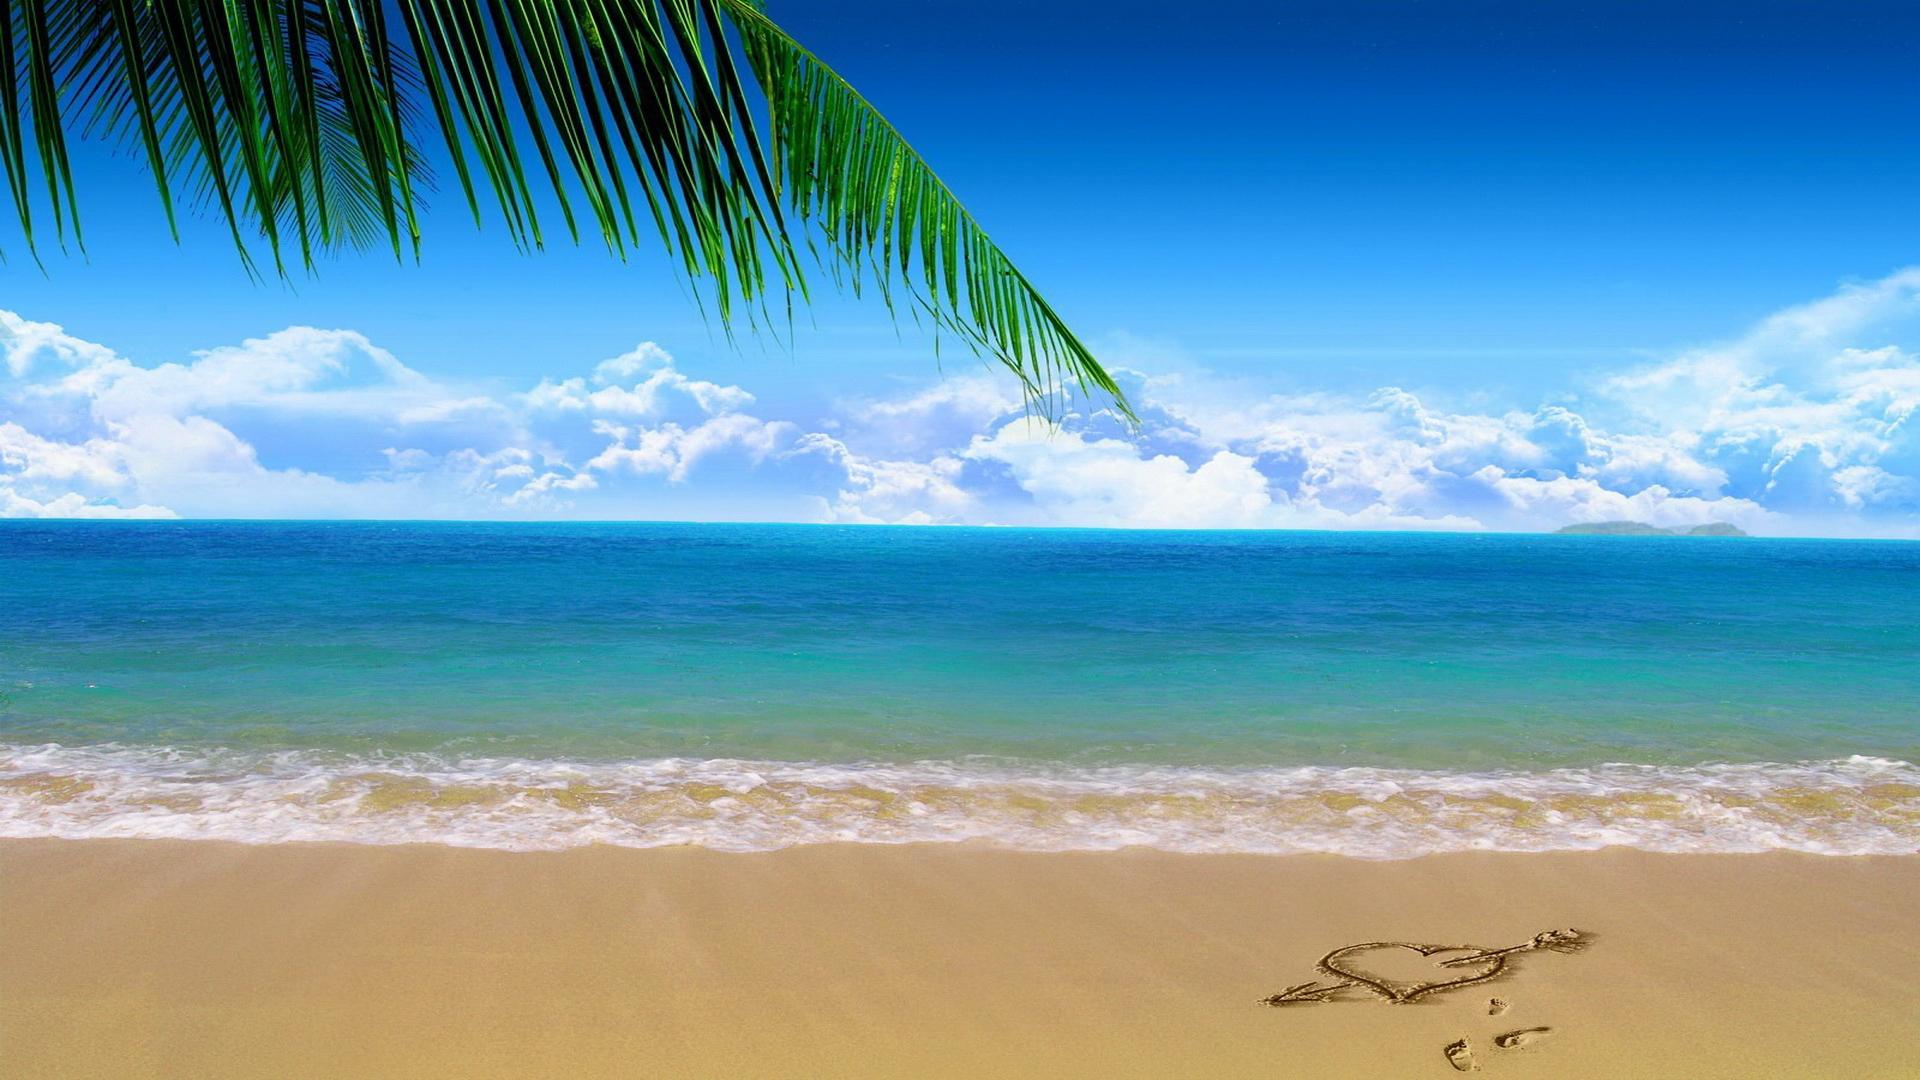 Beach Clipart-beach clipart-2